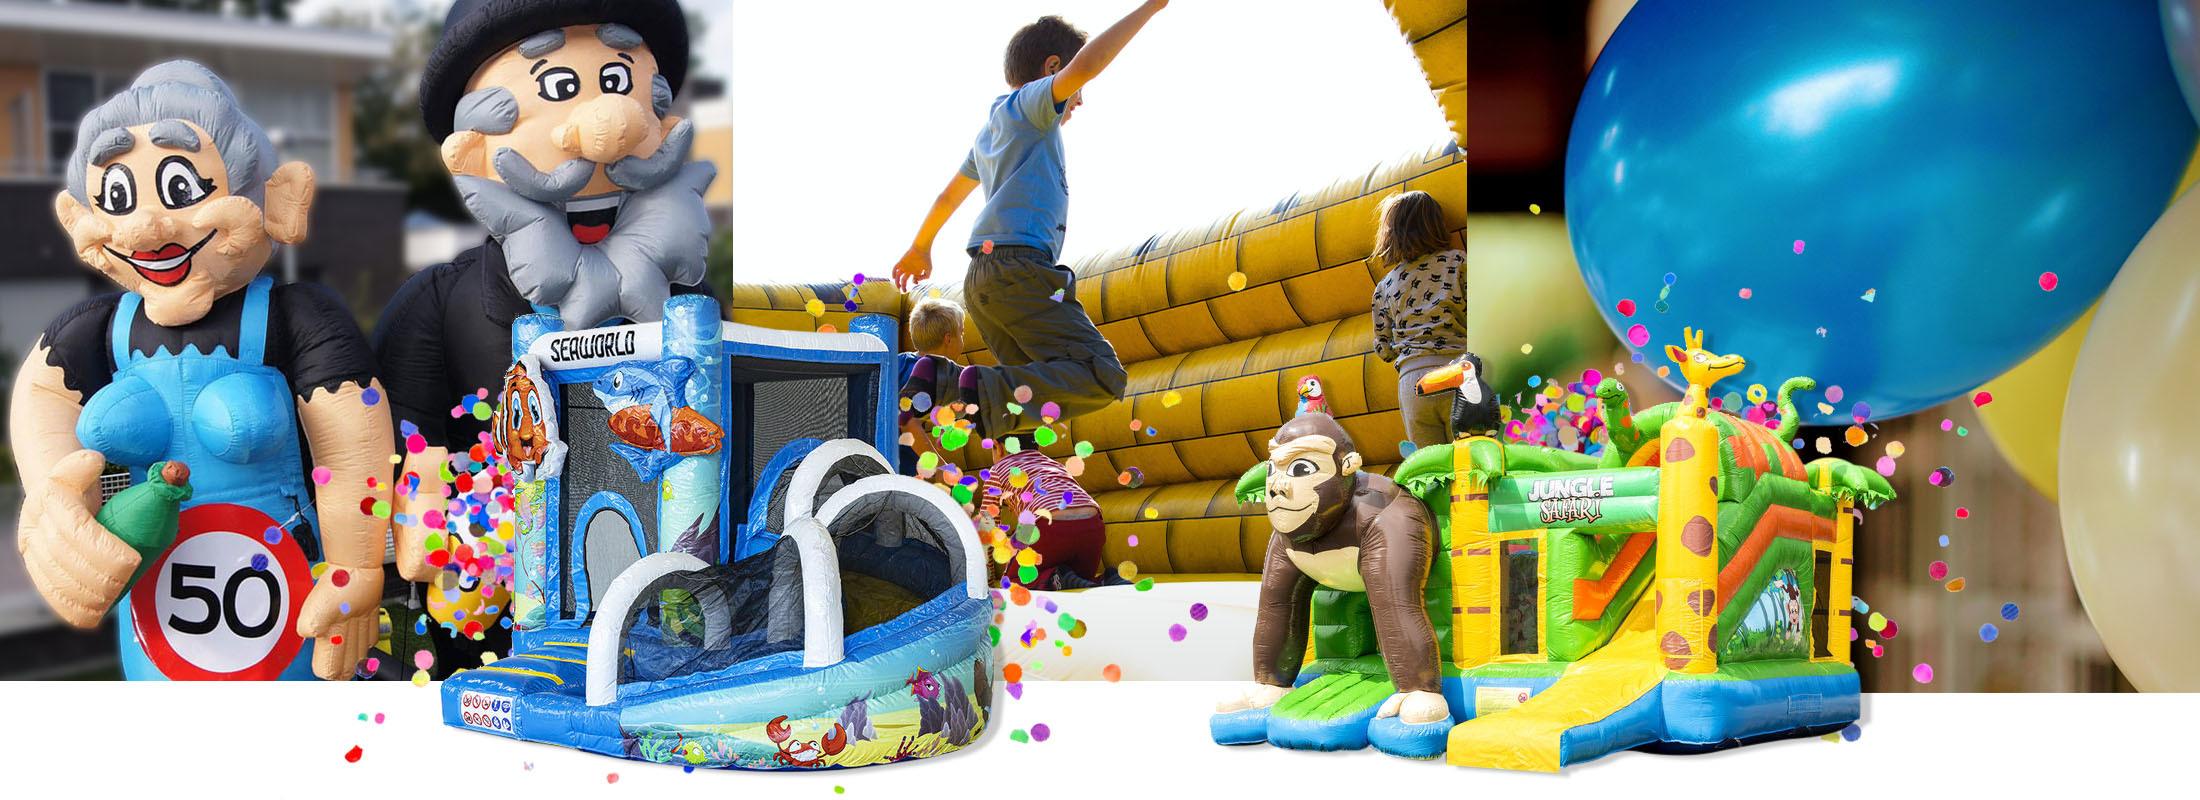 FeestVerhuurWijchen: springkussens, opblaasfiguren en feestartikelen!